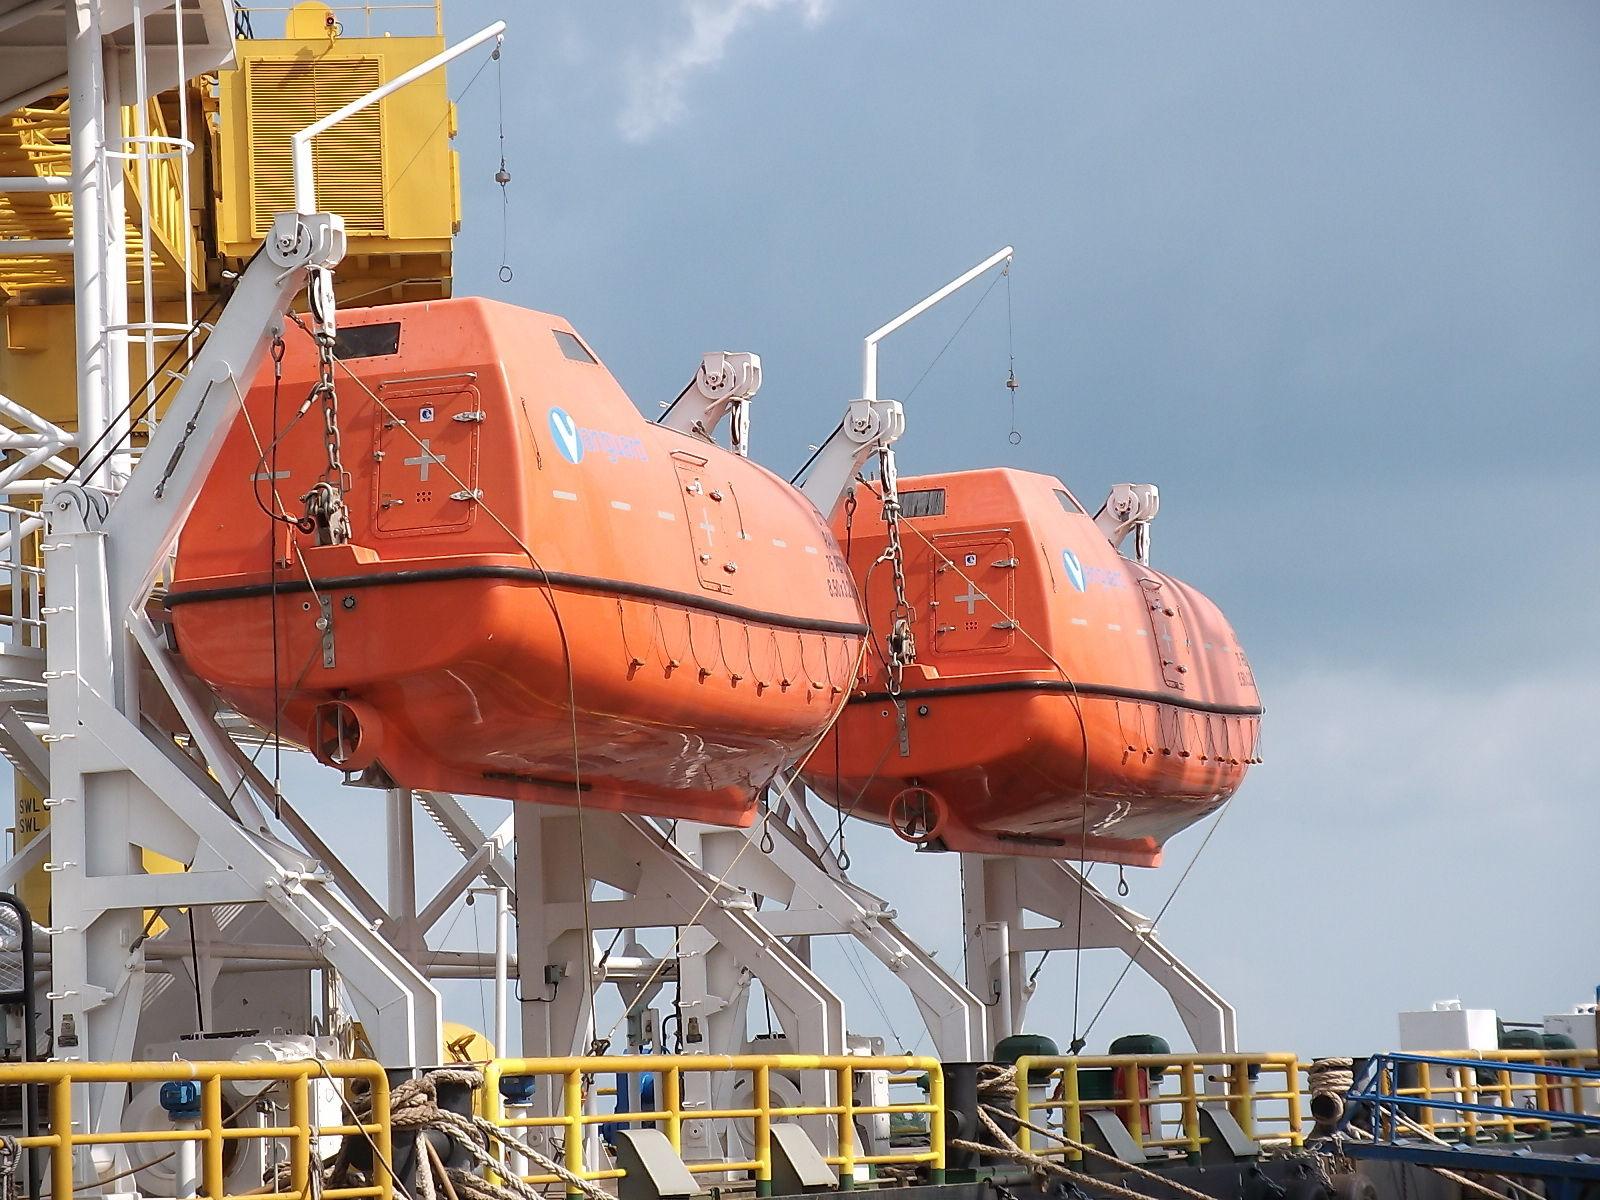 Rescue and Survival Group patenta nuevos botes salvavidas